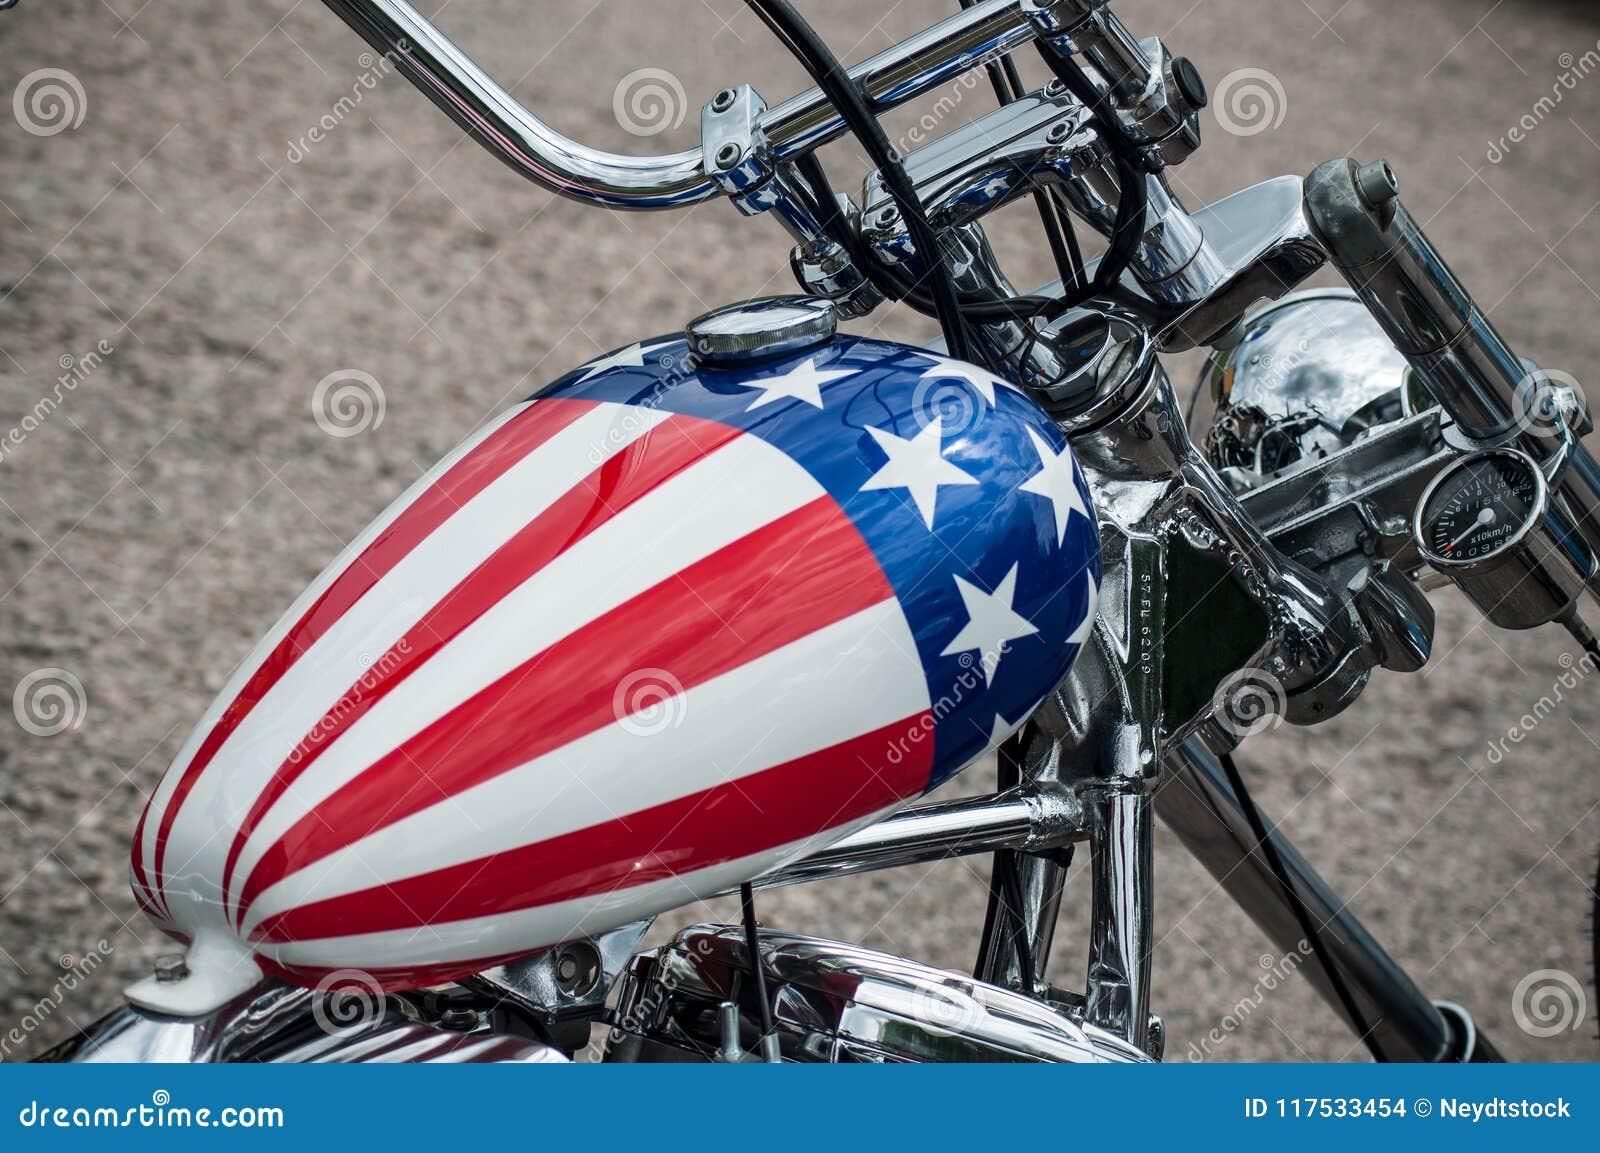 Le Reservoir De Motocyclette Avec La Peinture De Drapeau Americain Sur La Motocyclette De Harley Davidson S Est Gare Dans La Rue Image Stock Editorial Image Du Avec Motocyclette 117533454